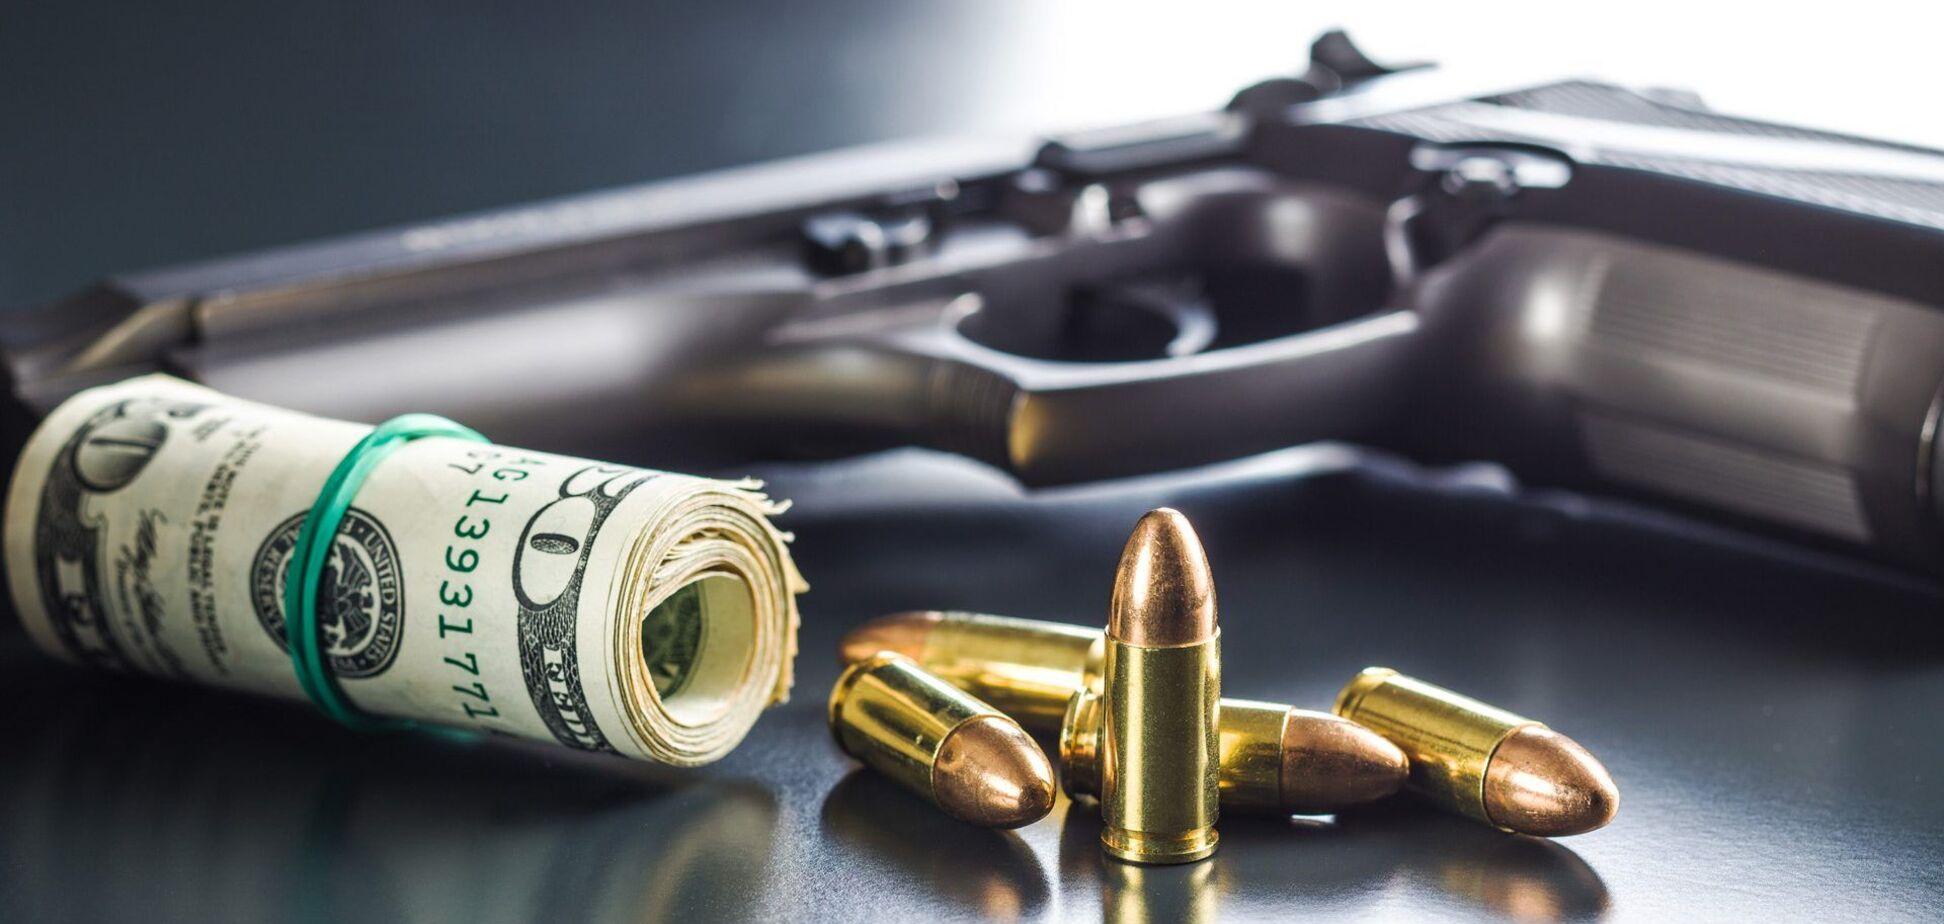 В Украине хотят легализовать огнестрельное оружие